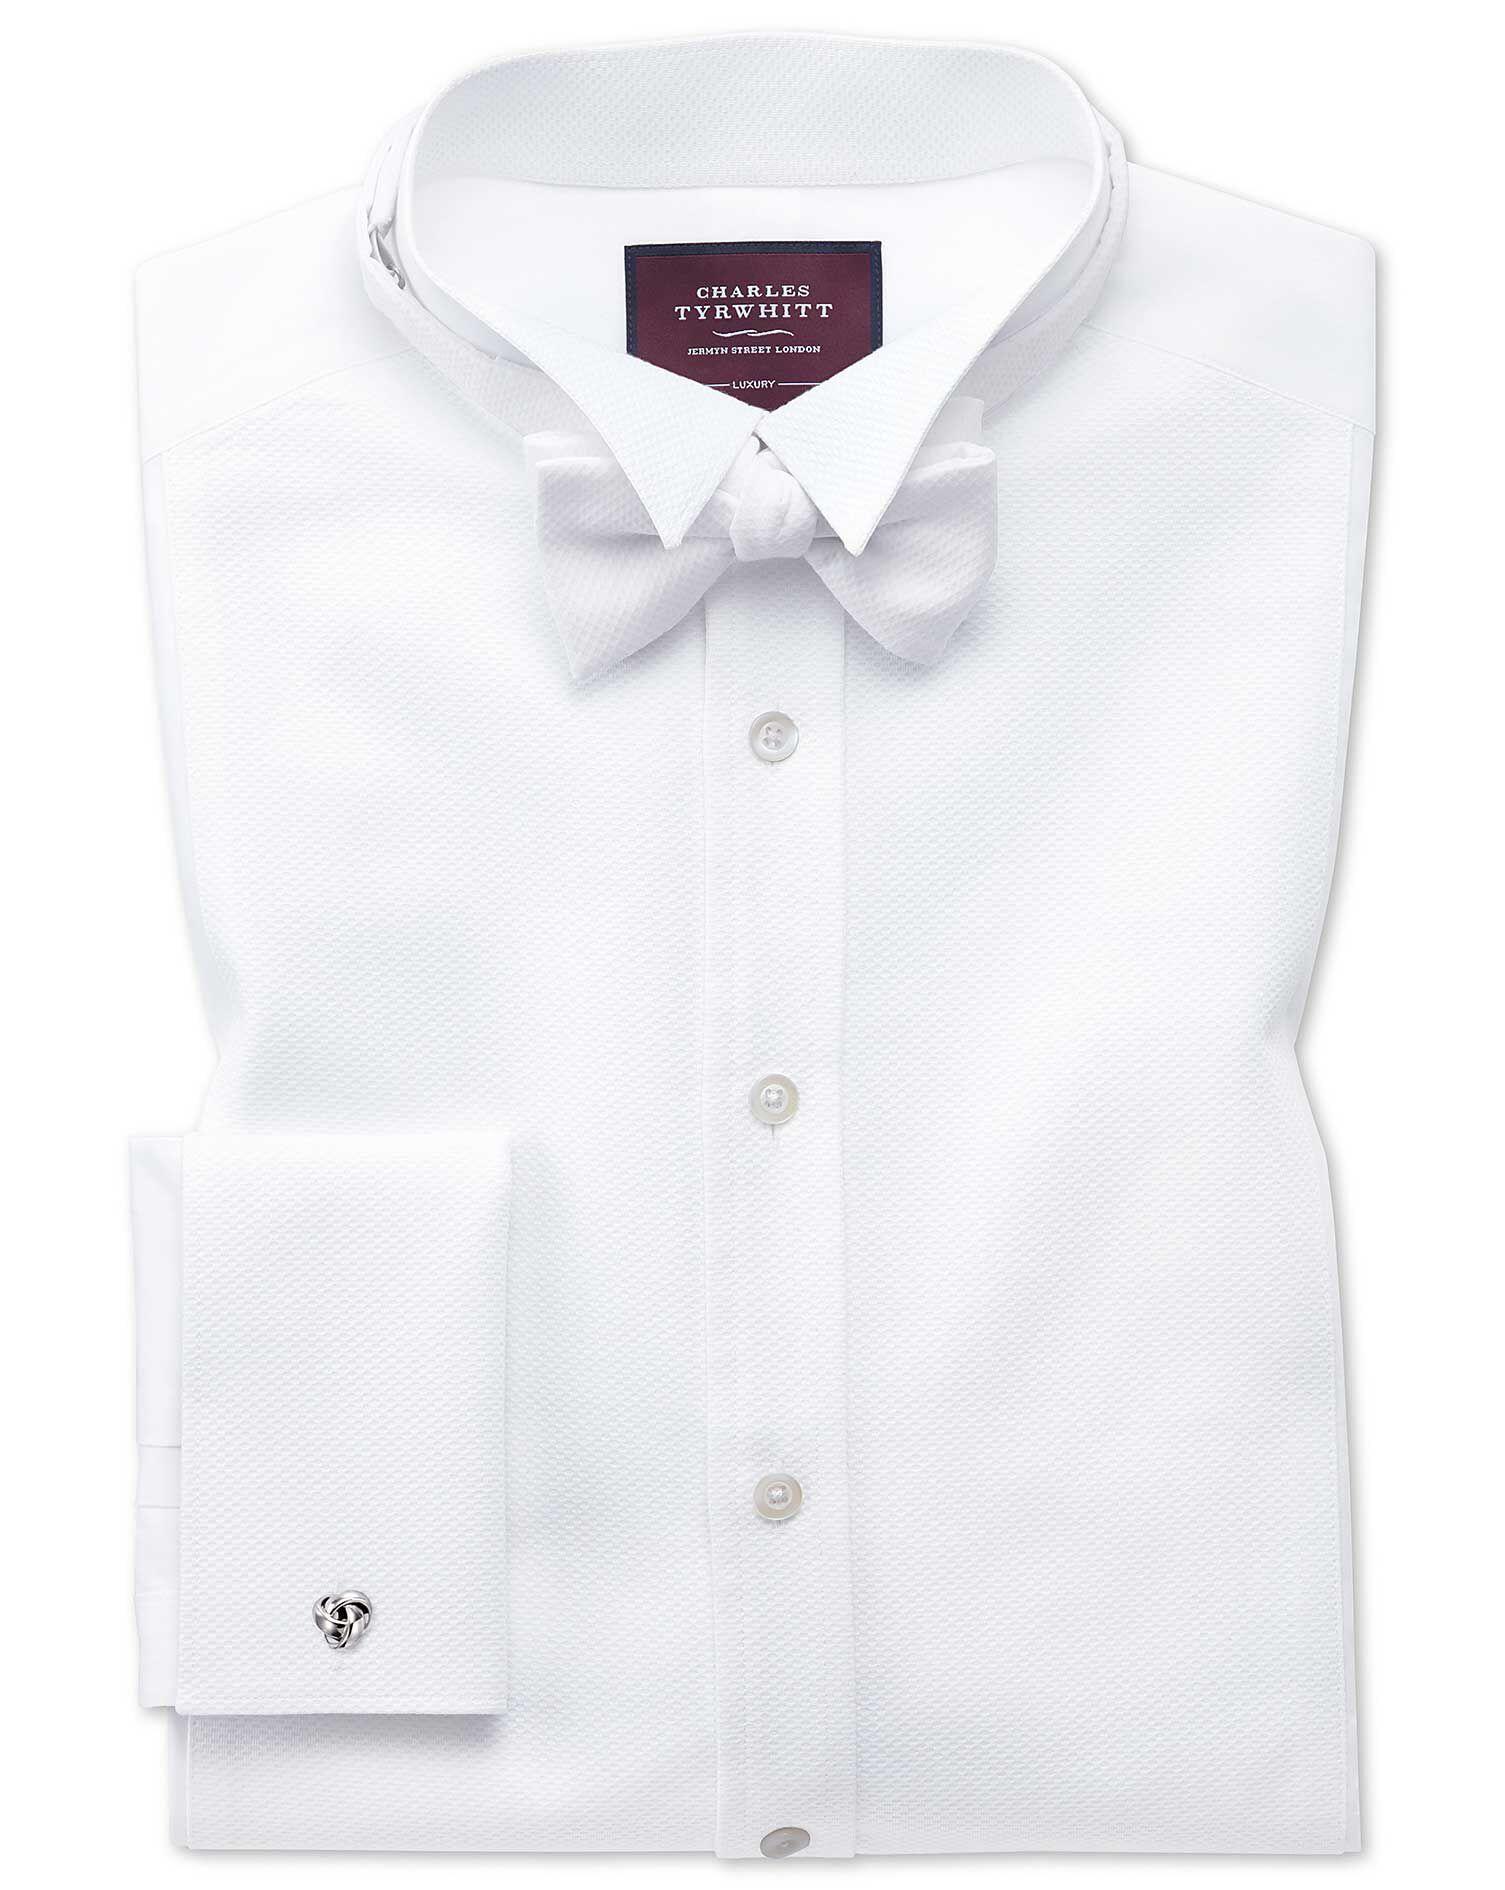 Luxury Shirts